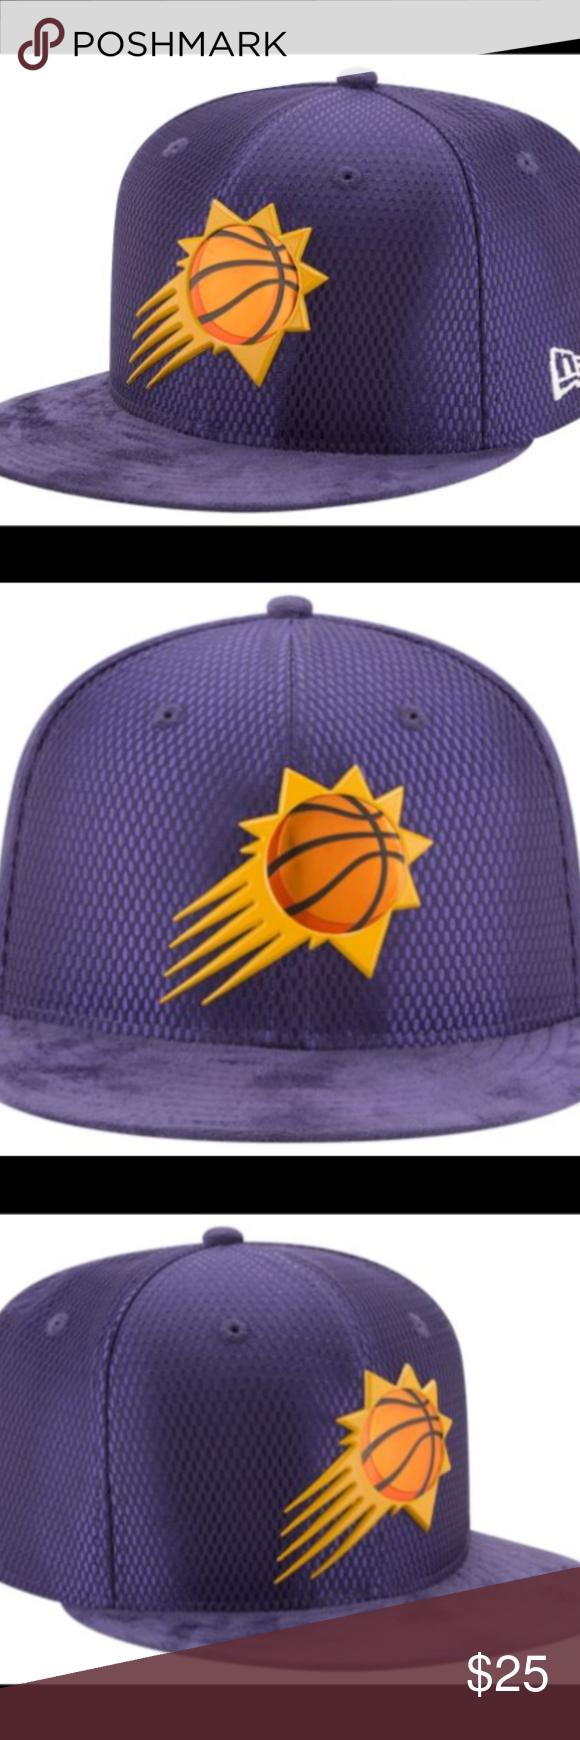 a8938b54f6bcc7 Phoenix Suns New Era 2017 NBA Draft Official 59 Phoenix Suns New Era 2017 NBA  Draft